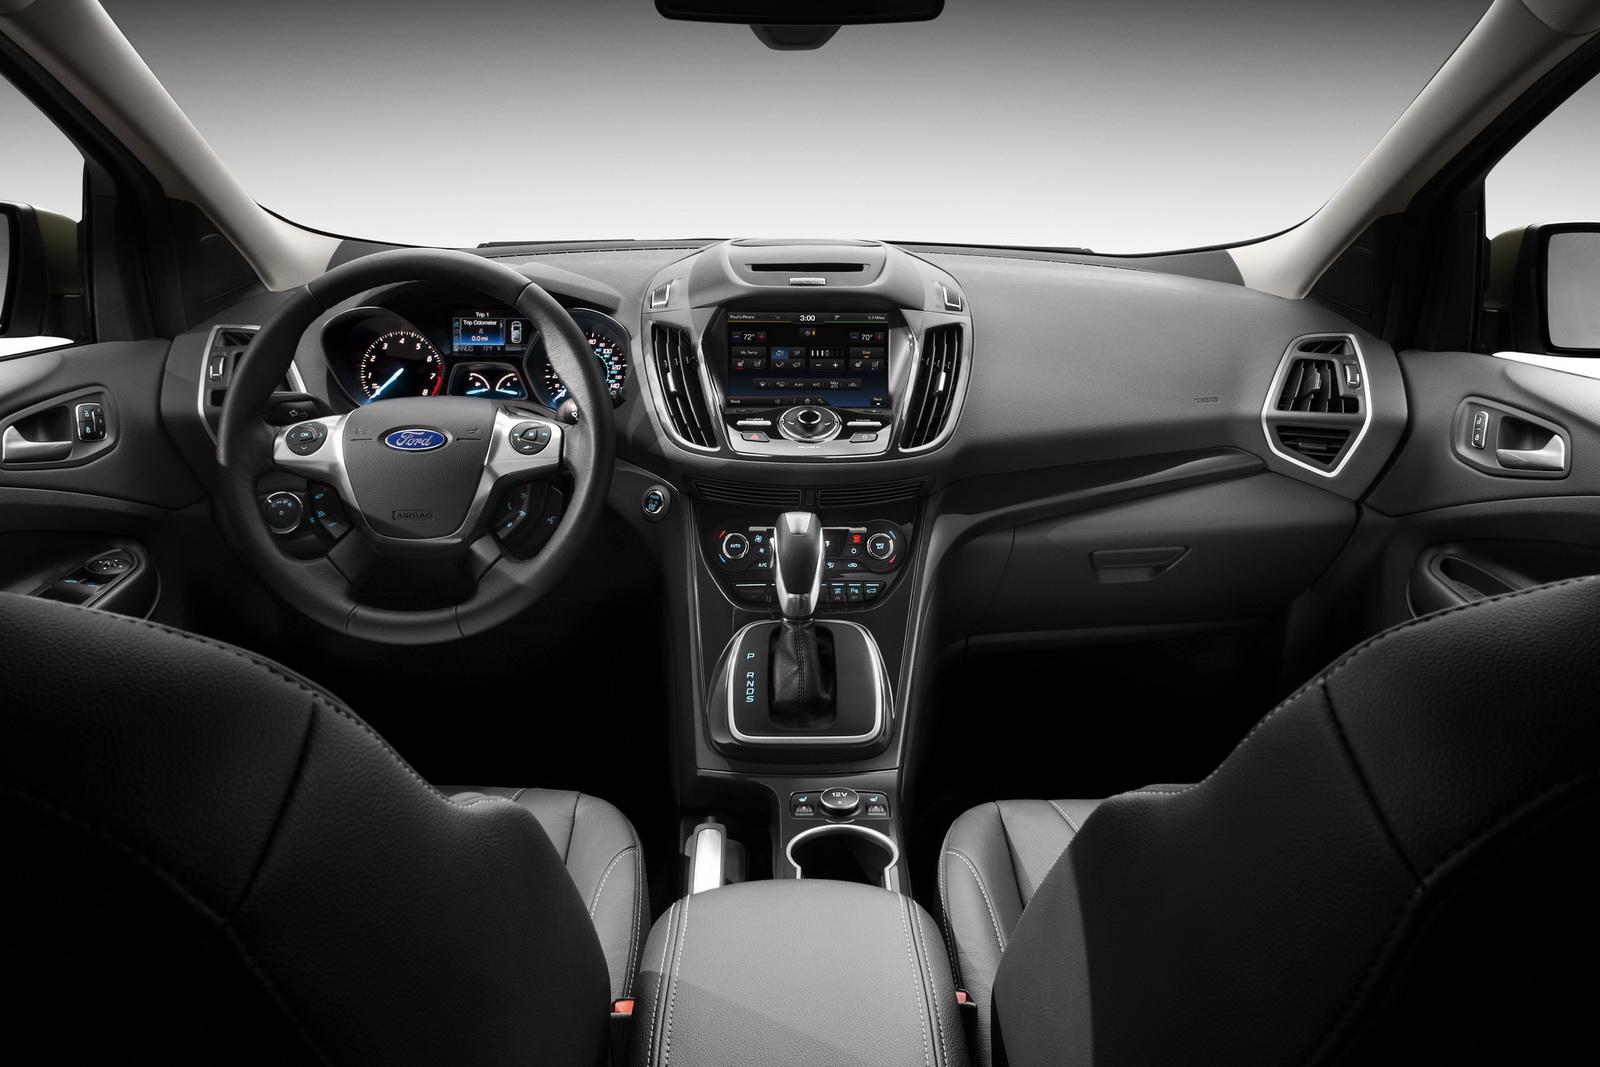 Форд Куга 2016 отзывы - autoback.ru